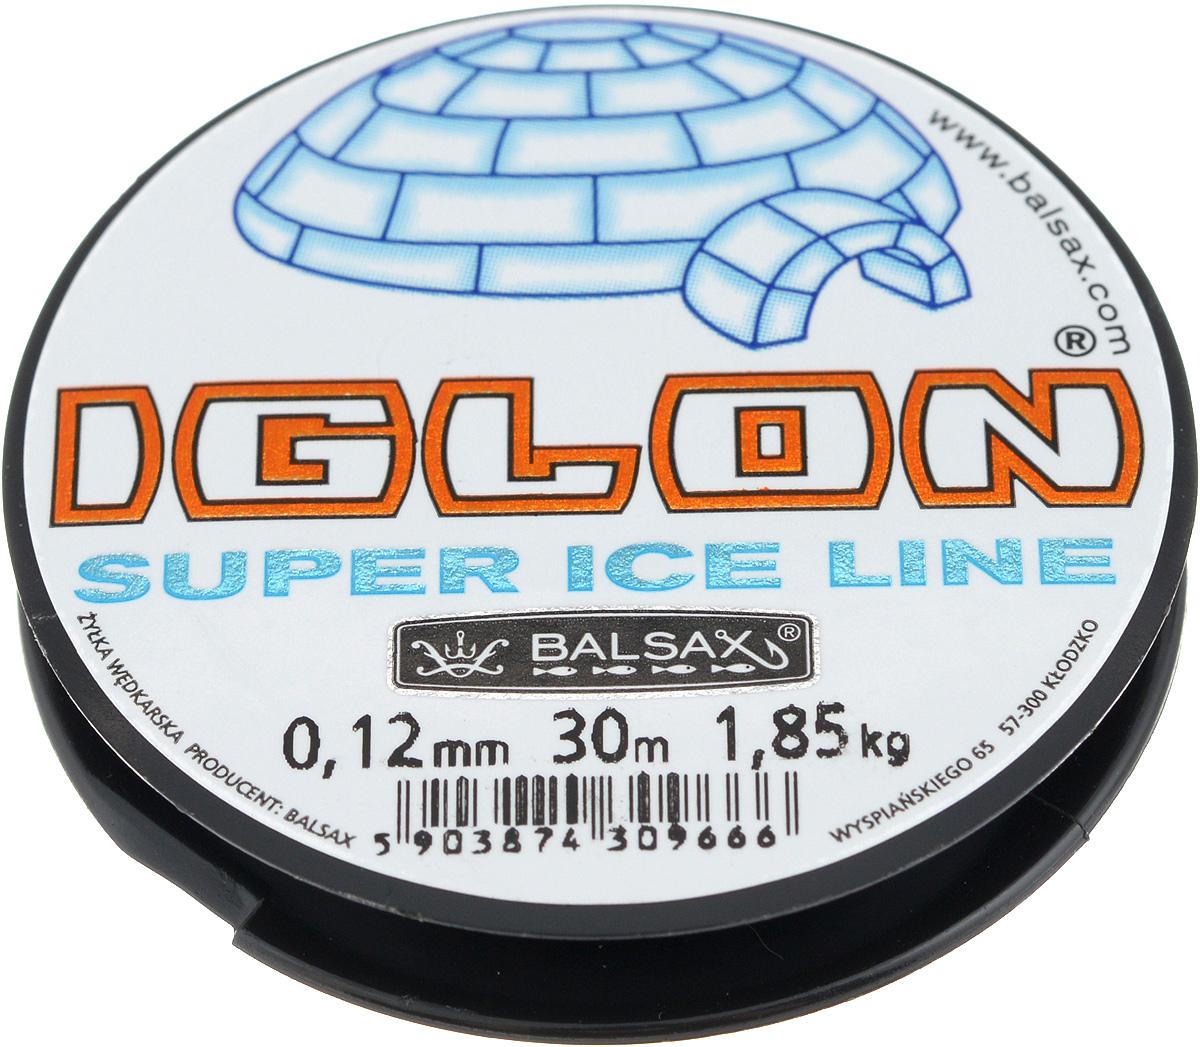 Леска зимняя Balsax Iglon, 30 м, 0,12 мм, 1,85 кг59271Леска Balsax Iglon изготовлена из 100% нейлона и очень хорошо выдерживает низкие температуры. Даже в самом холодном климате, при температуре вплоть до -40°C, она сохраняет свои свойства практически без изменений, в то время как традиционные лески становятся менее эластичными и теряют прочность.Поверхность лески обработана таким образом, что она не обмерзает и отлично подходит для подледного лова. Прочна в местах вязки узлов даже при минимальном диаметре.